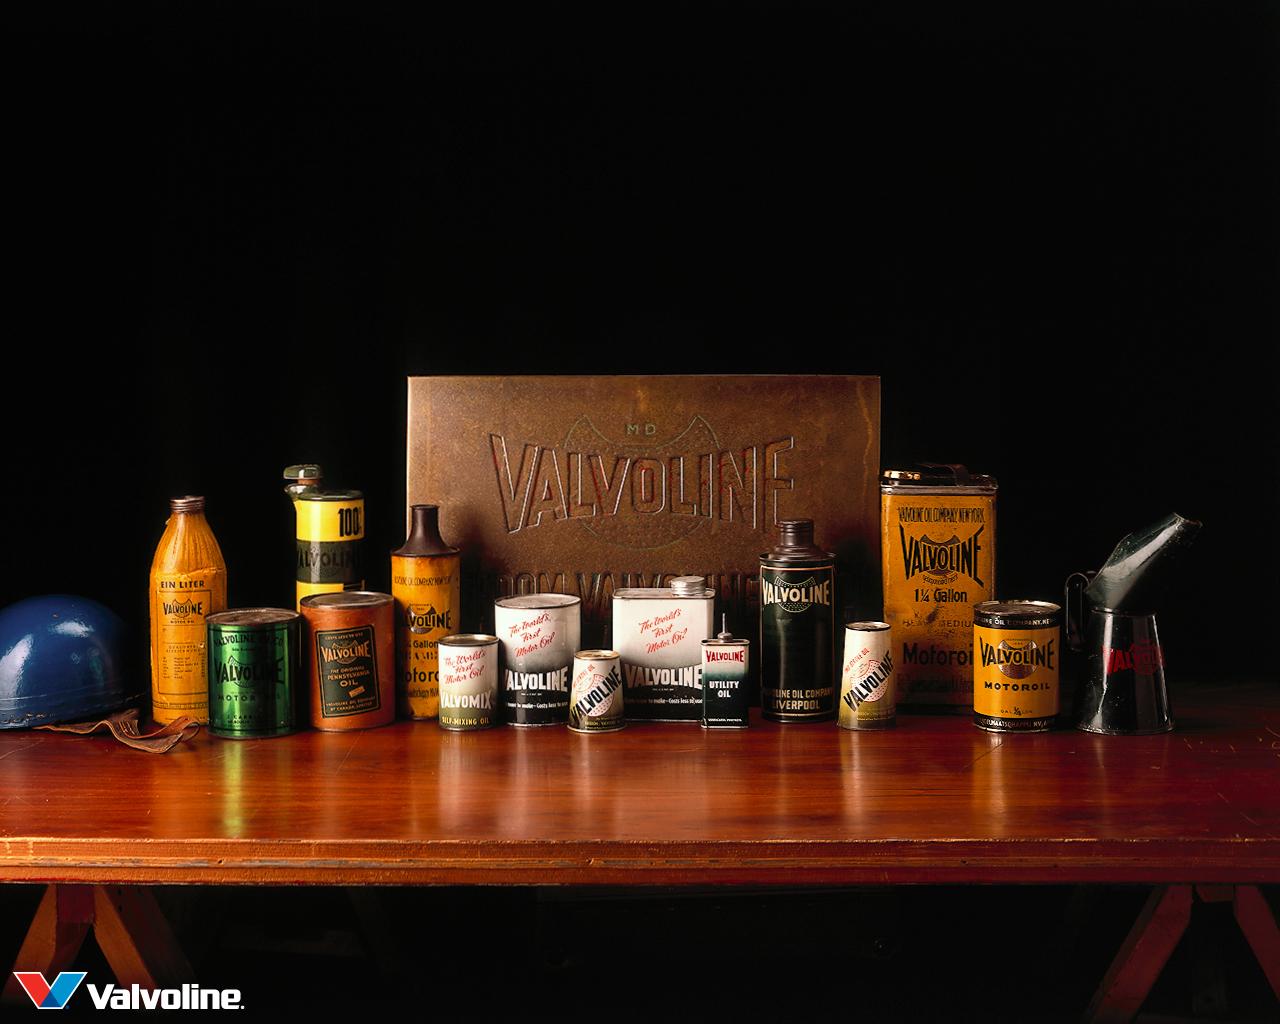 Best 50 Valvoline Wallpaper on HipWallpaper Valvoline NASCAR 1280x1024